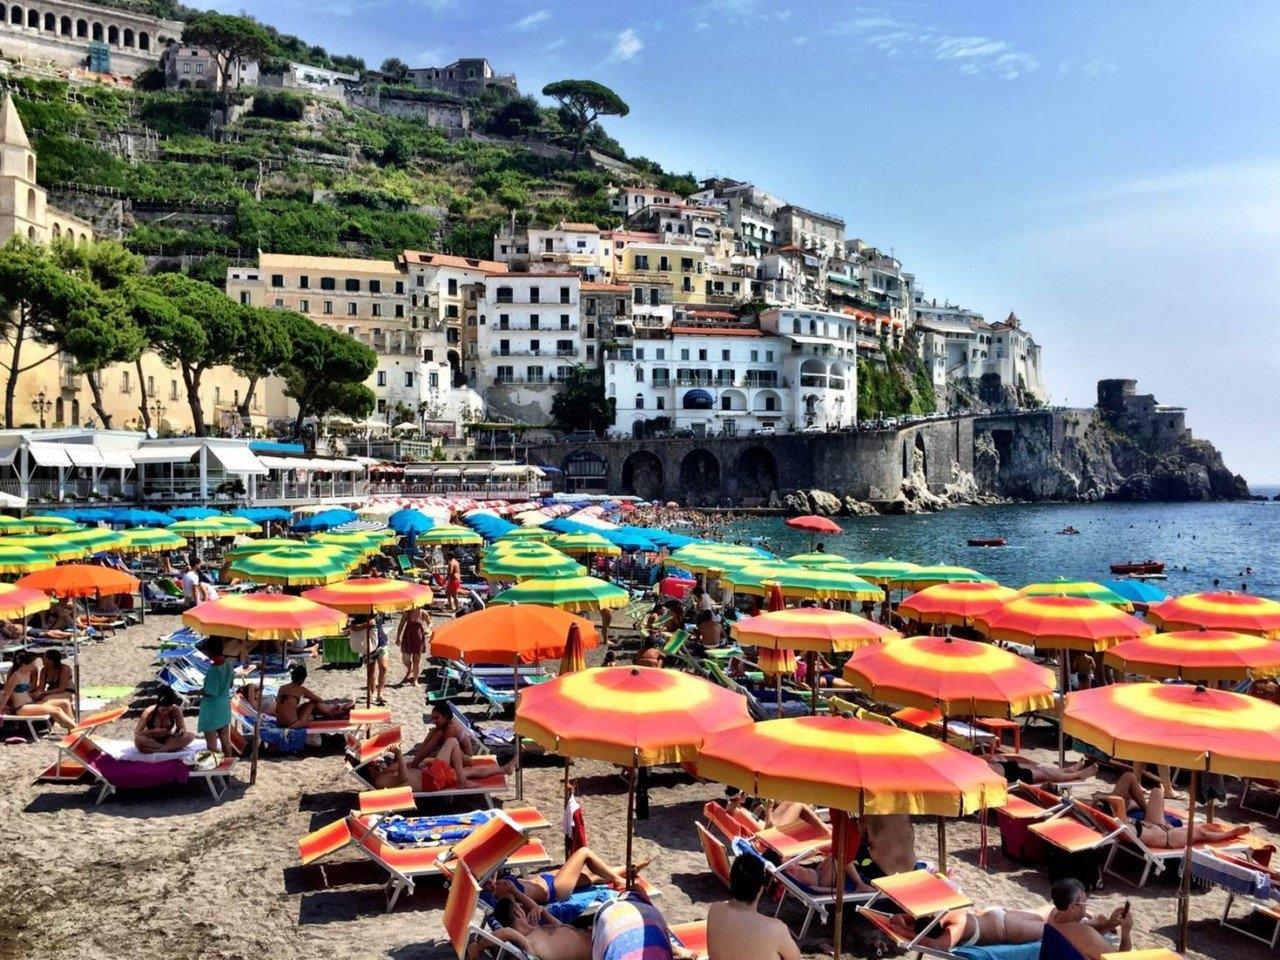 Colorful Amalfi coast 10